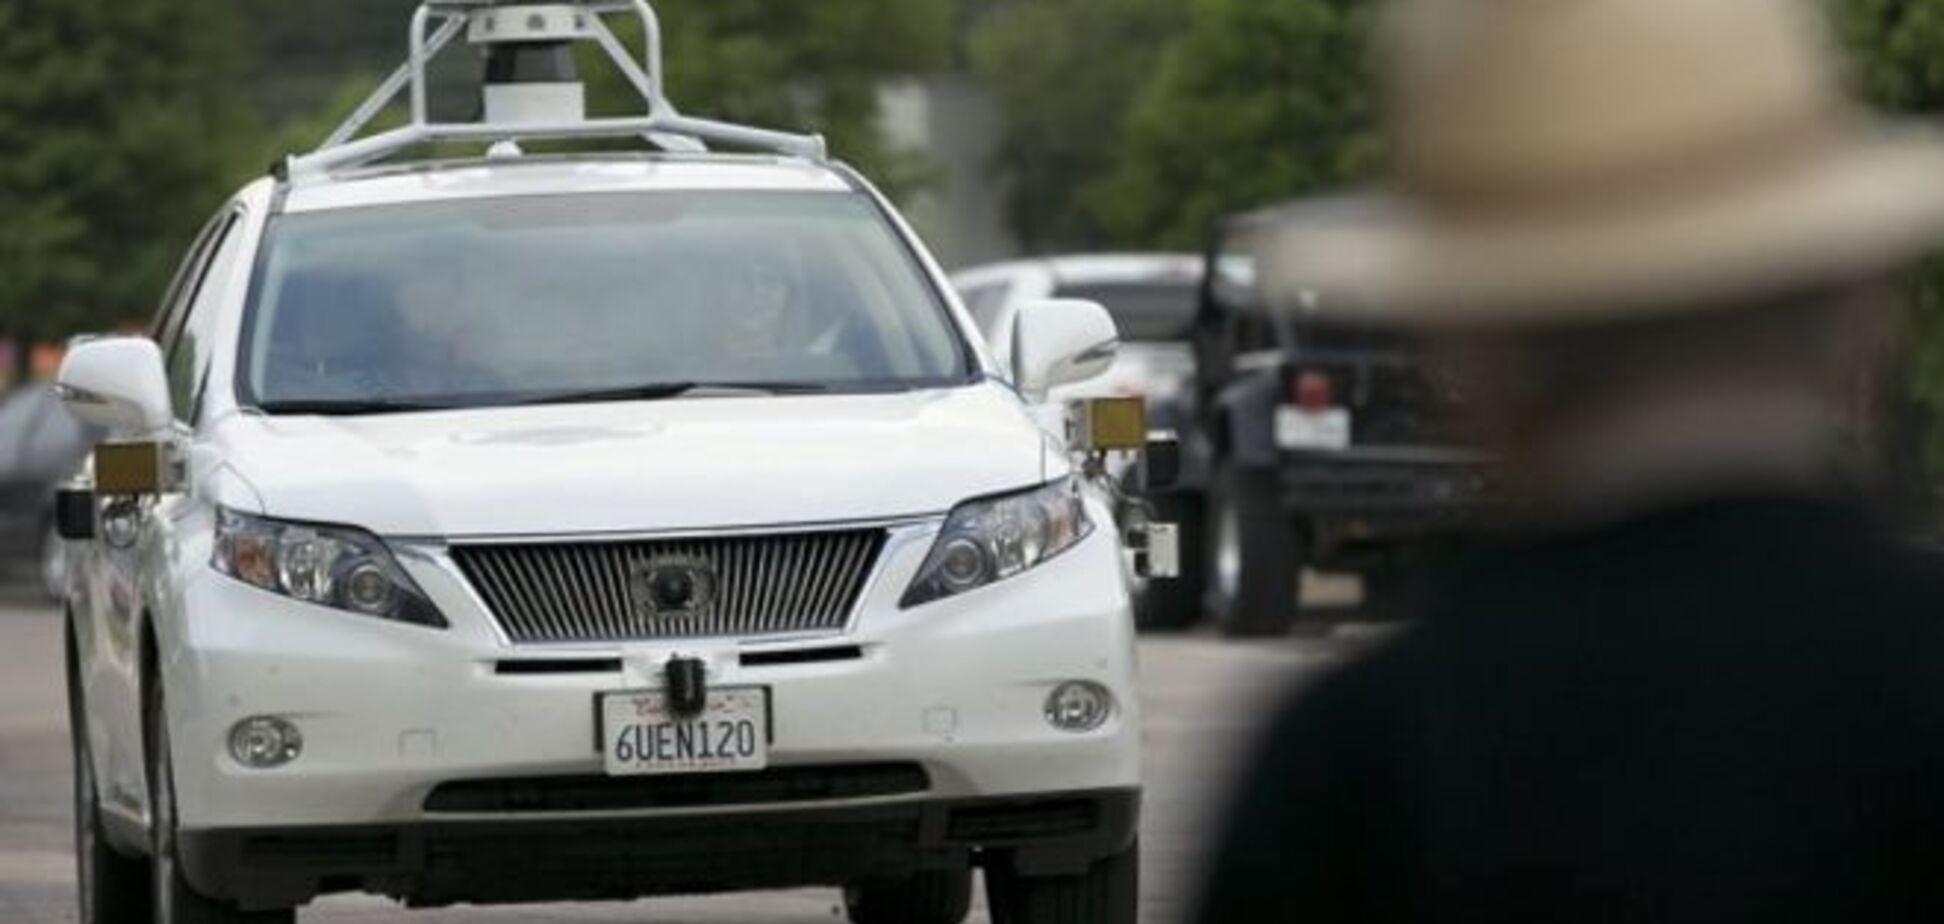 Самокероване авто Google потрапило у ДТП: є постраждалі